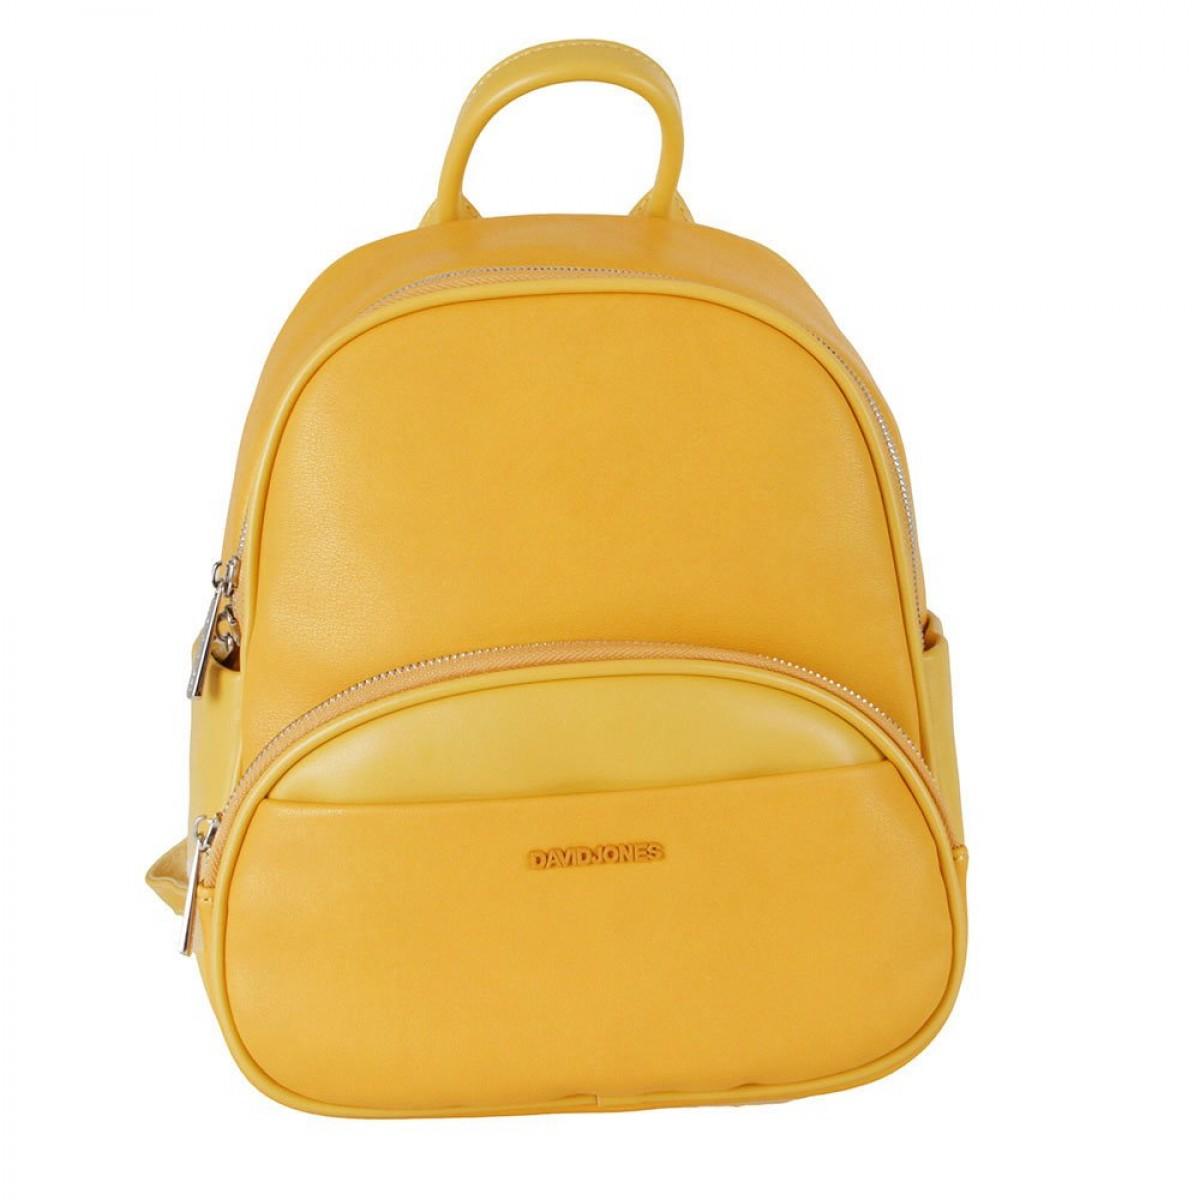 Жіночий рюкзак David Jones 6297-2 YELLOW